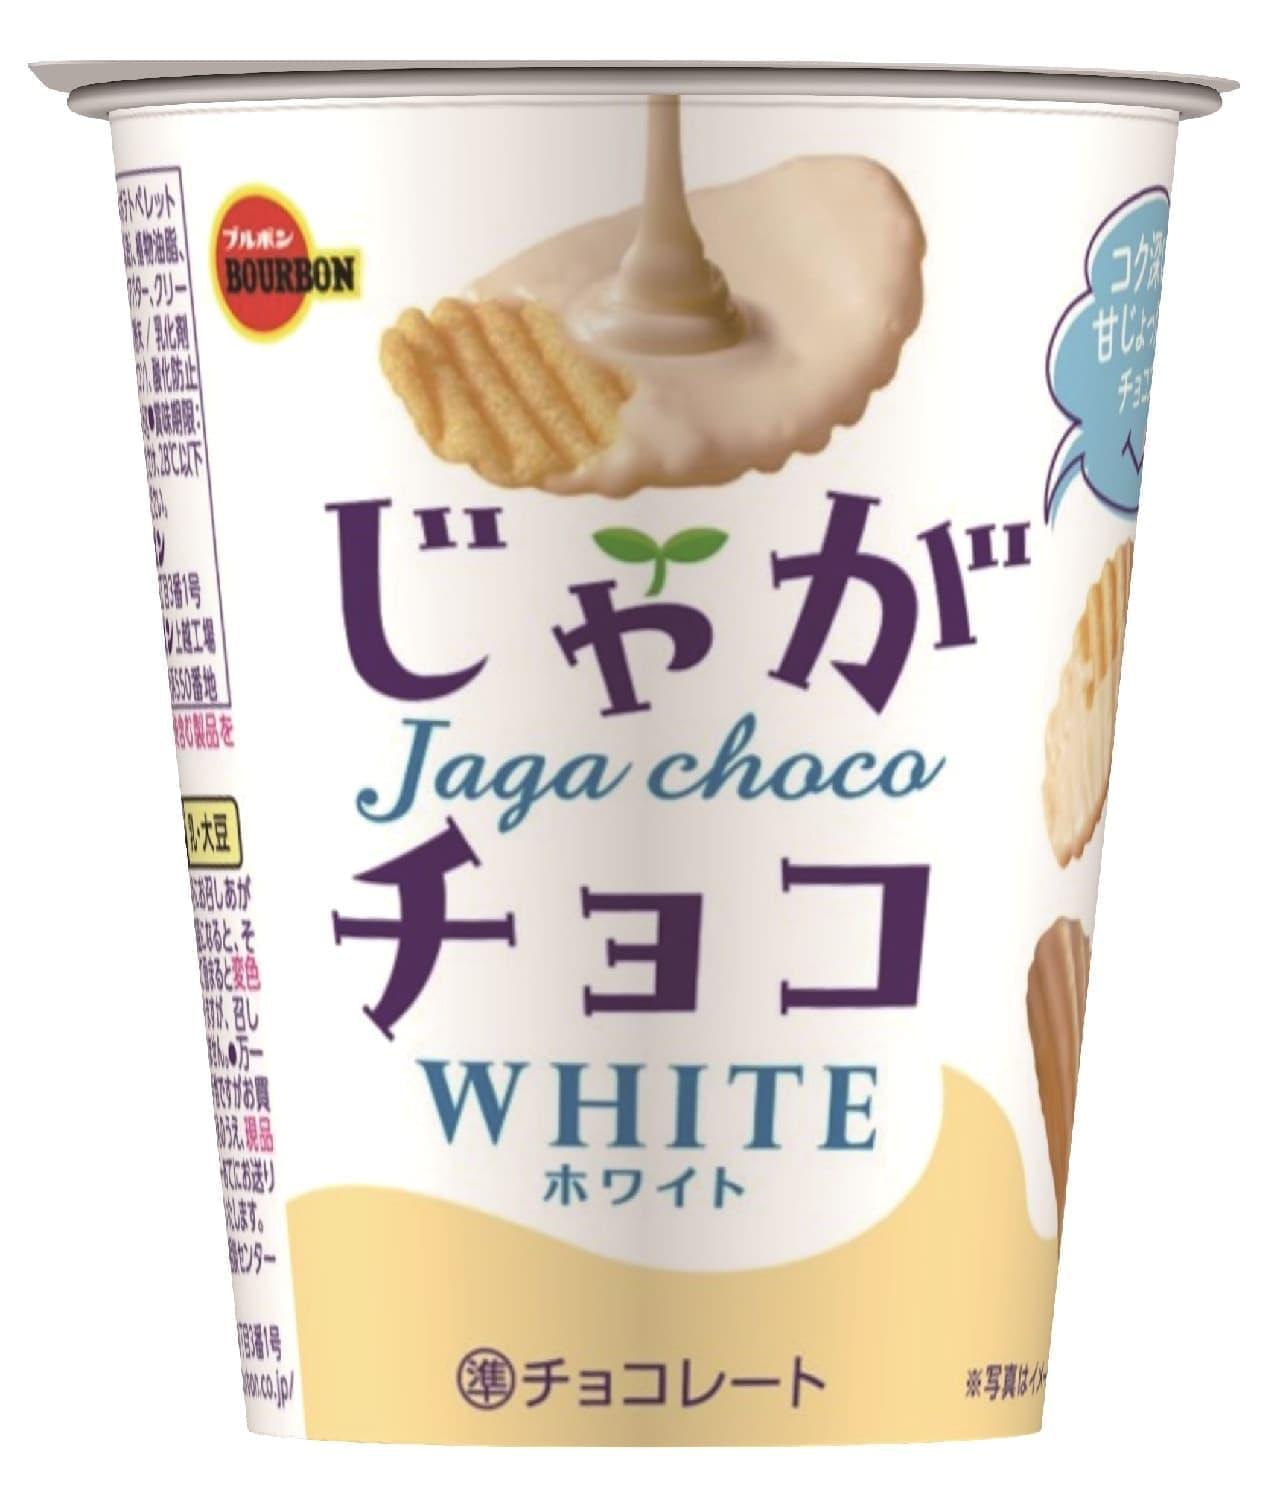 ブルボン「じゃがチョコホワイト」